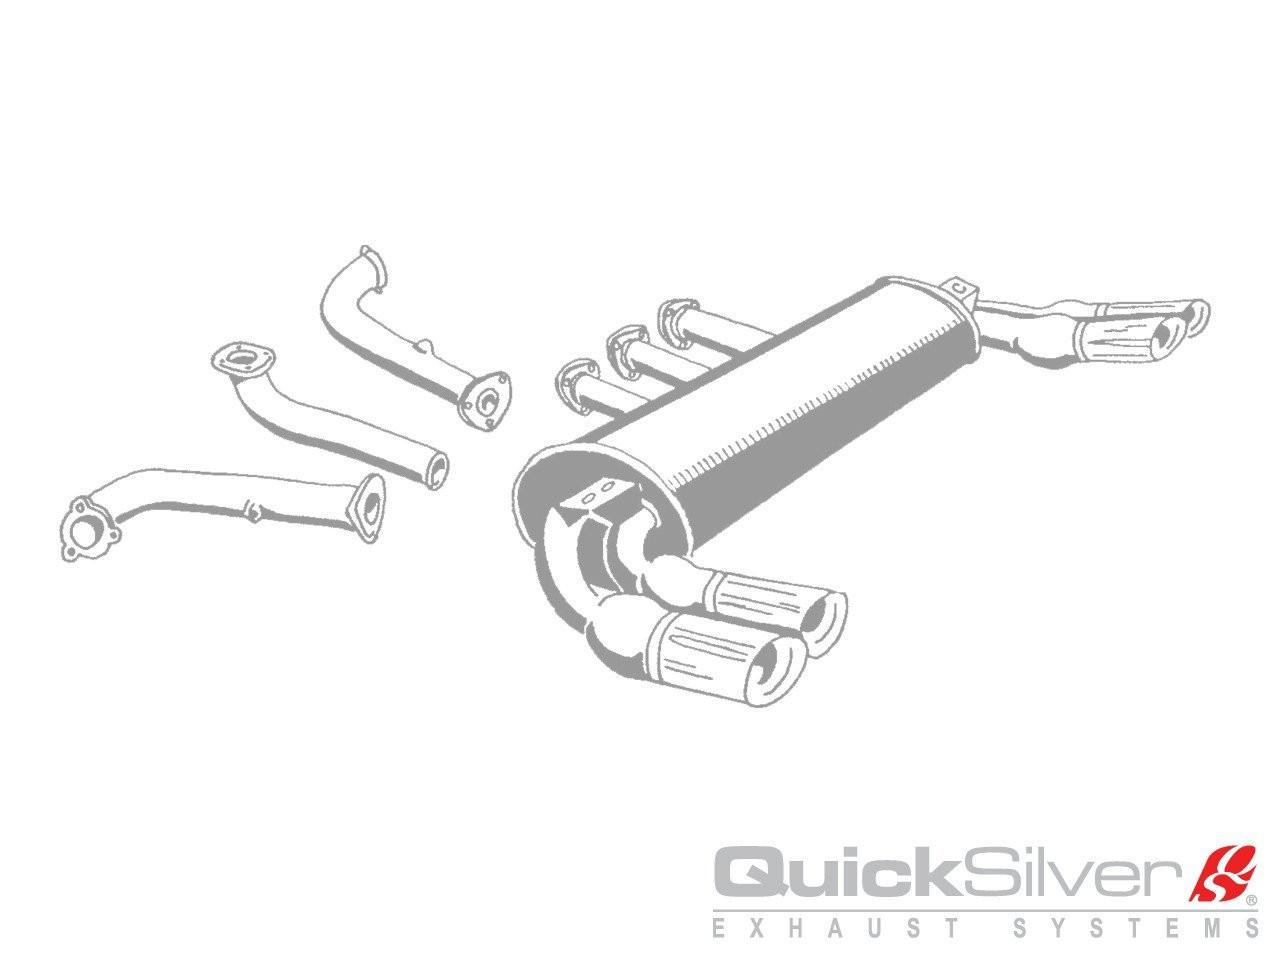 QuickSilver Exhausts Heritage | Ferrari 288 GTO, 1984-86, FE054 (Výfukový systém – nerezová ocel)